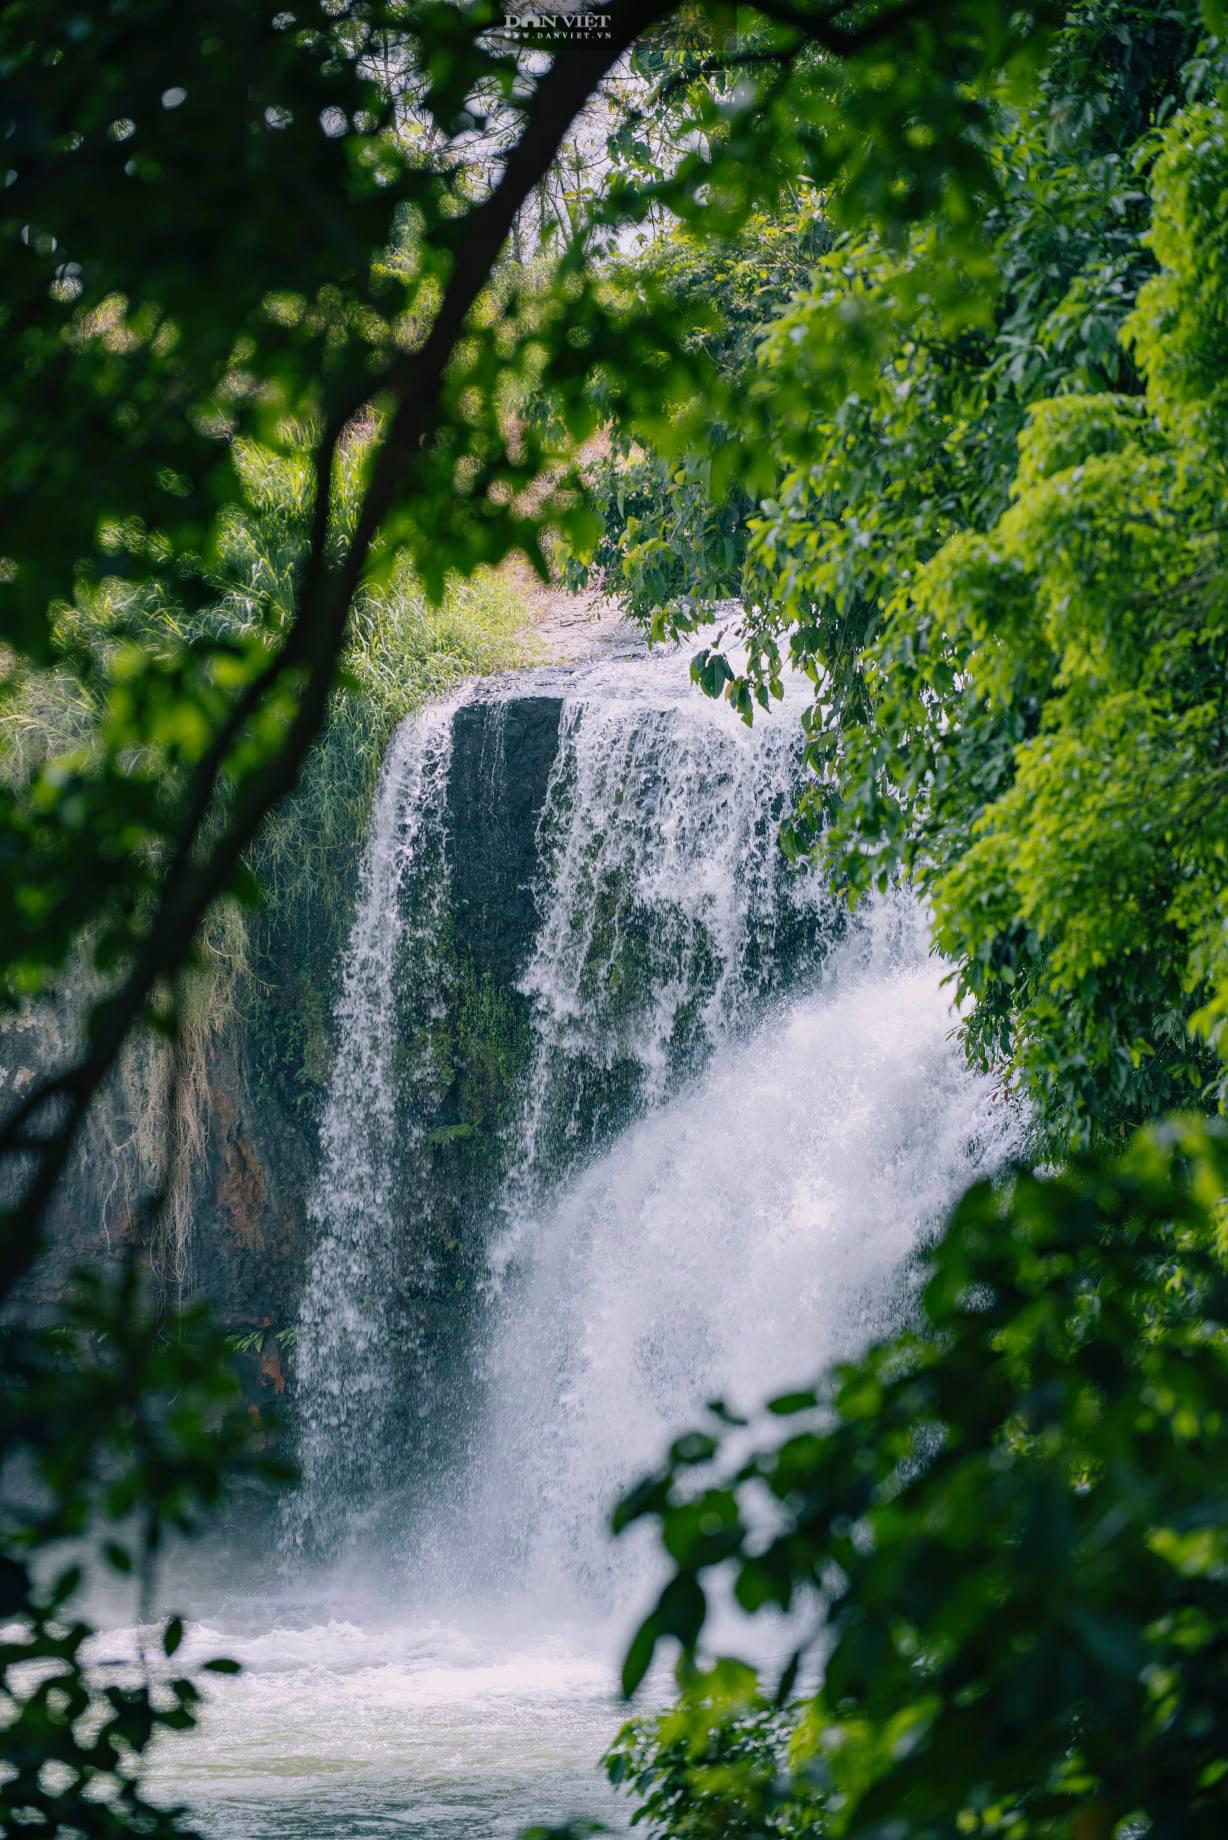 """Bị """"thôi miên"""" bởi cảnh đẹp mê hồn của cụm thác nổi tiếng nhất Đắk Nông - Ảnh 2."""